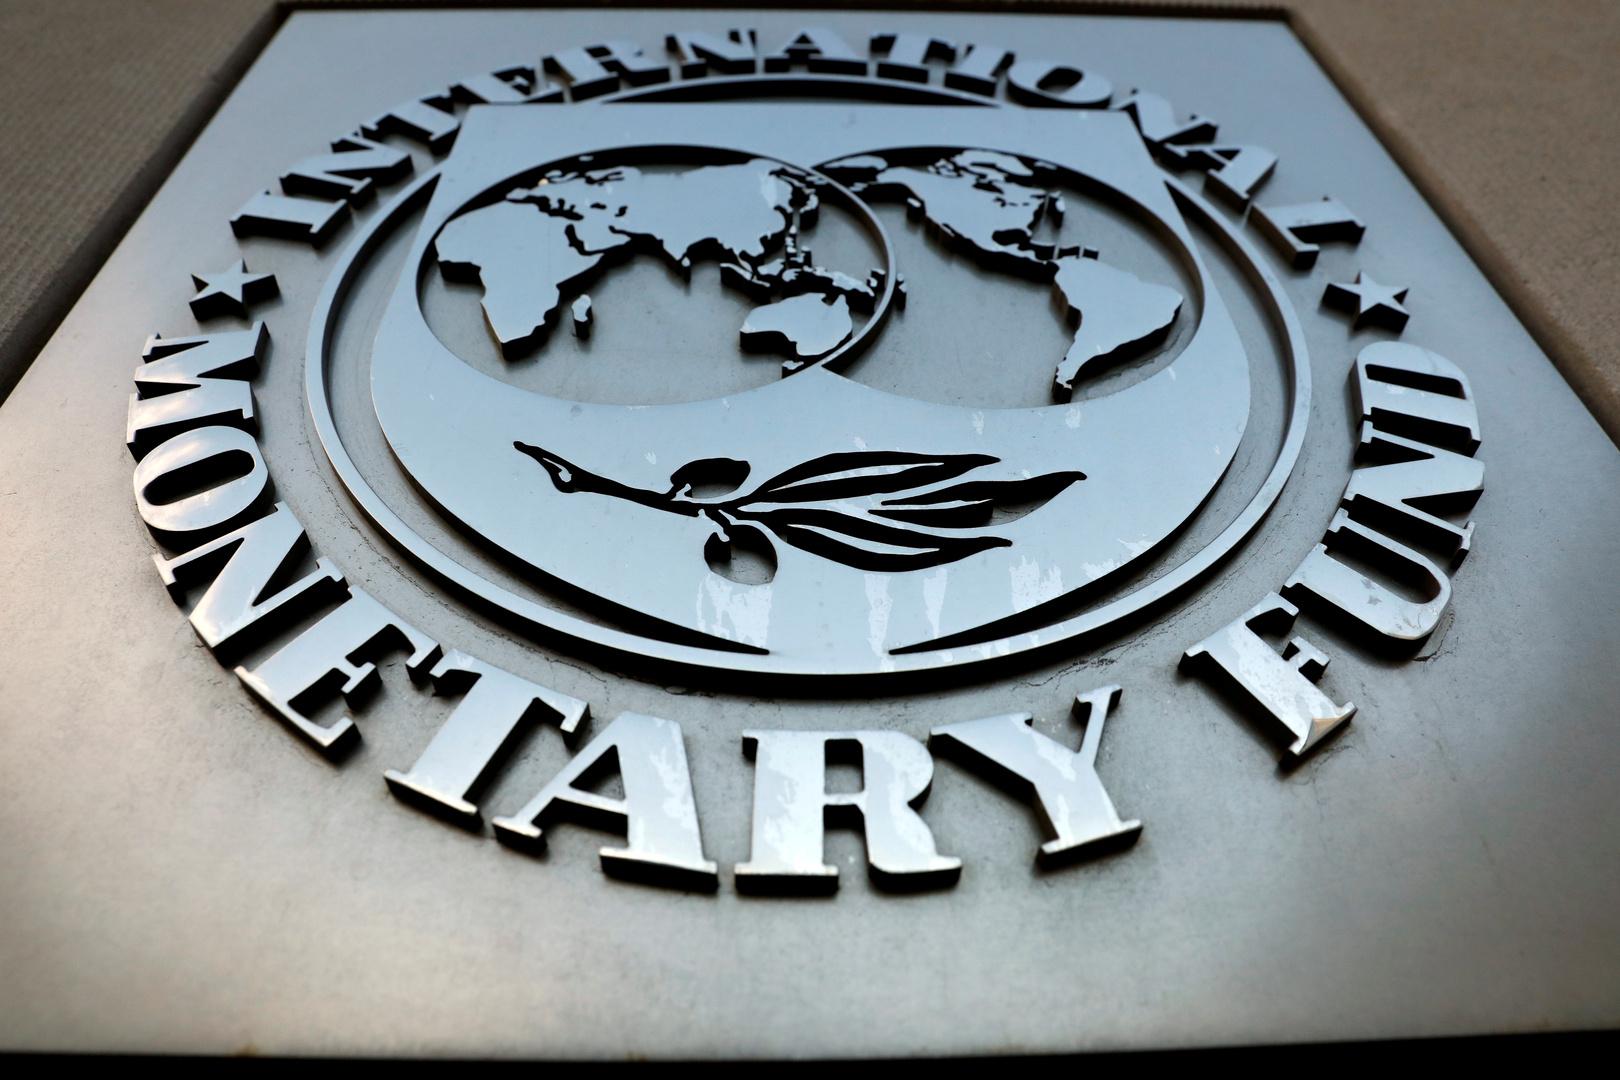 النقد الدولي يتحدث عن خطوة ستوفر دخلا بـ9 تريليونات دولار